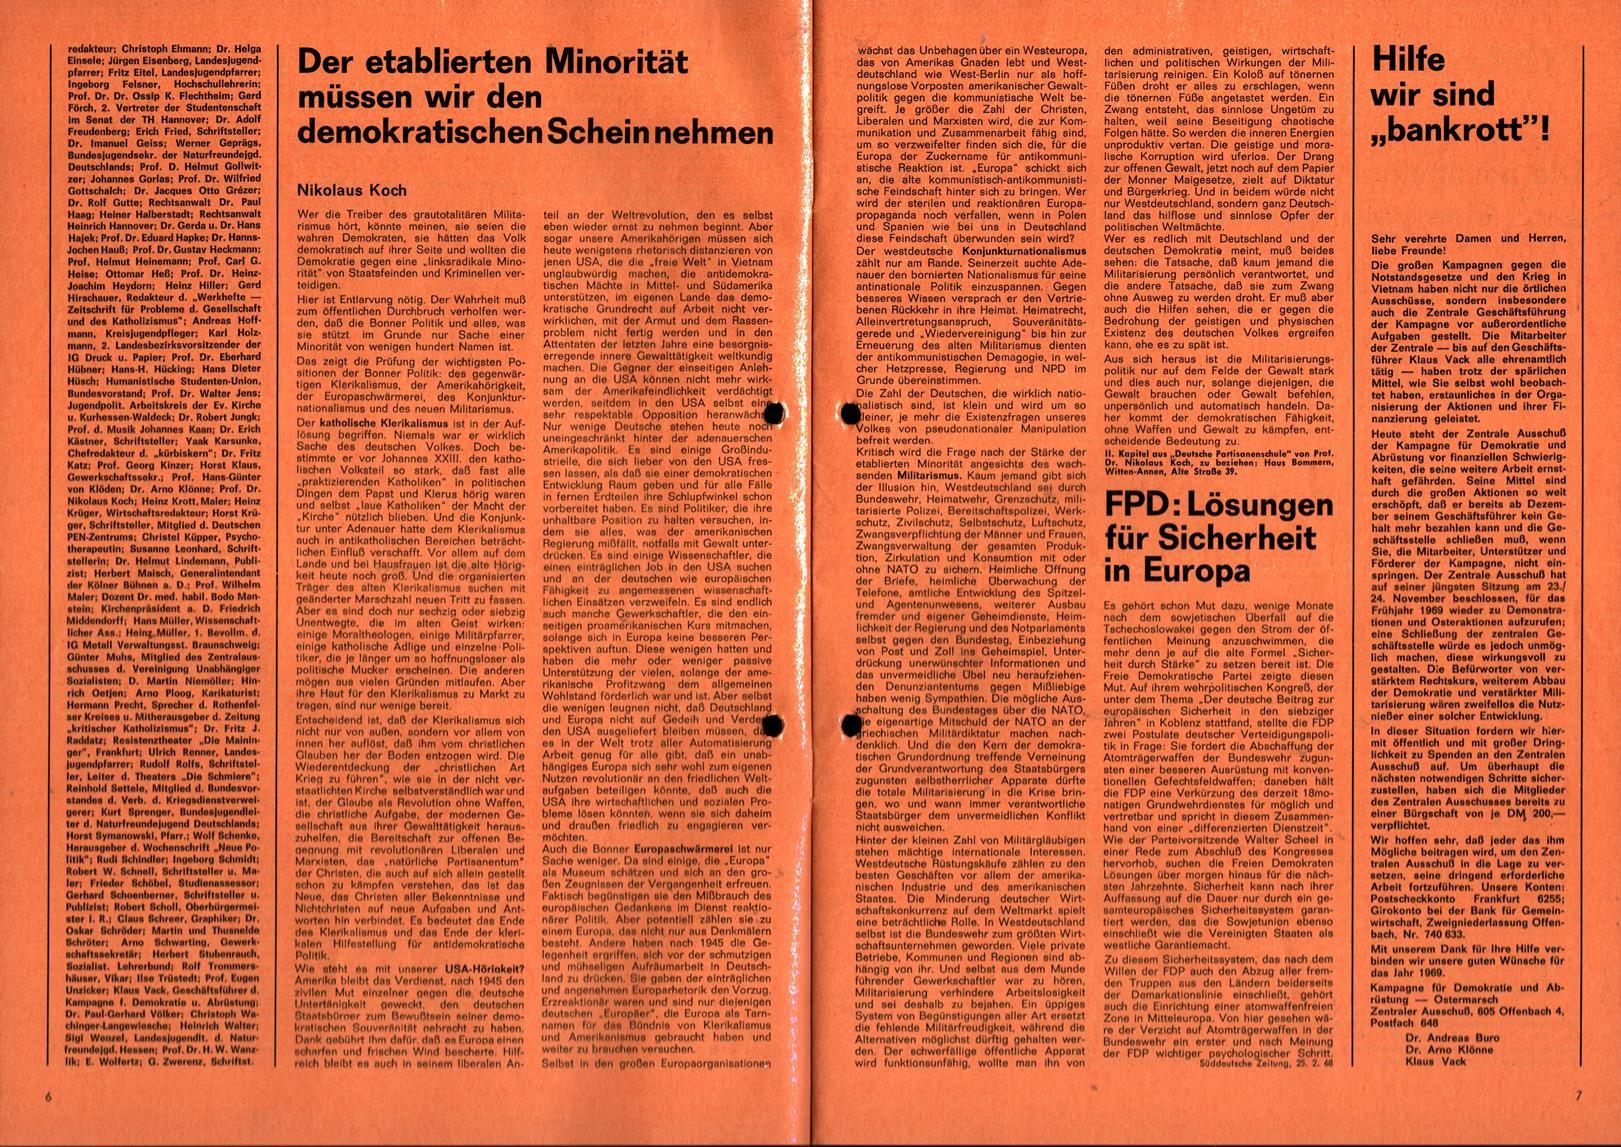 Infos_zur_Abruestung_1968_064_065_004